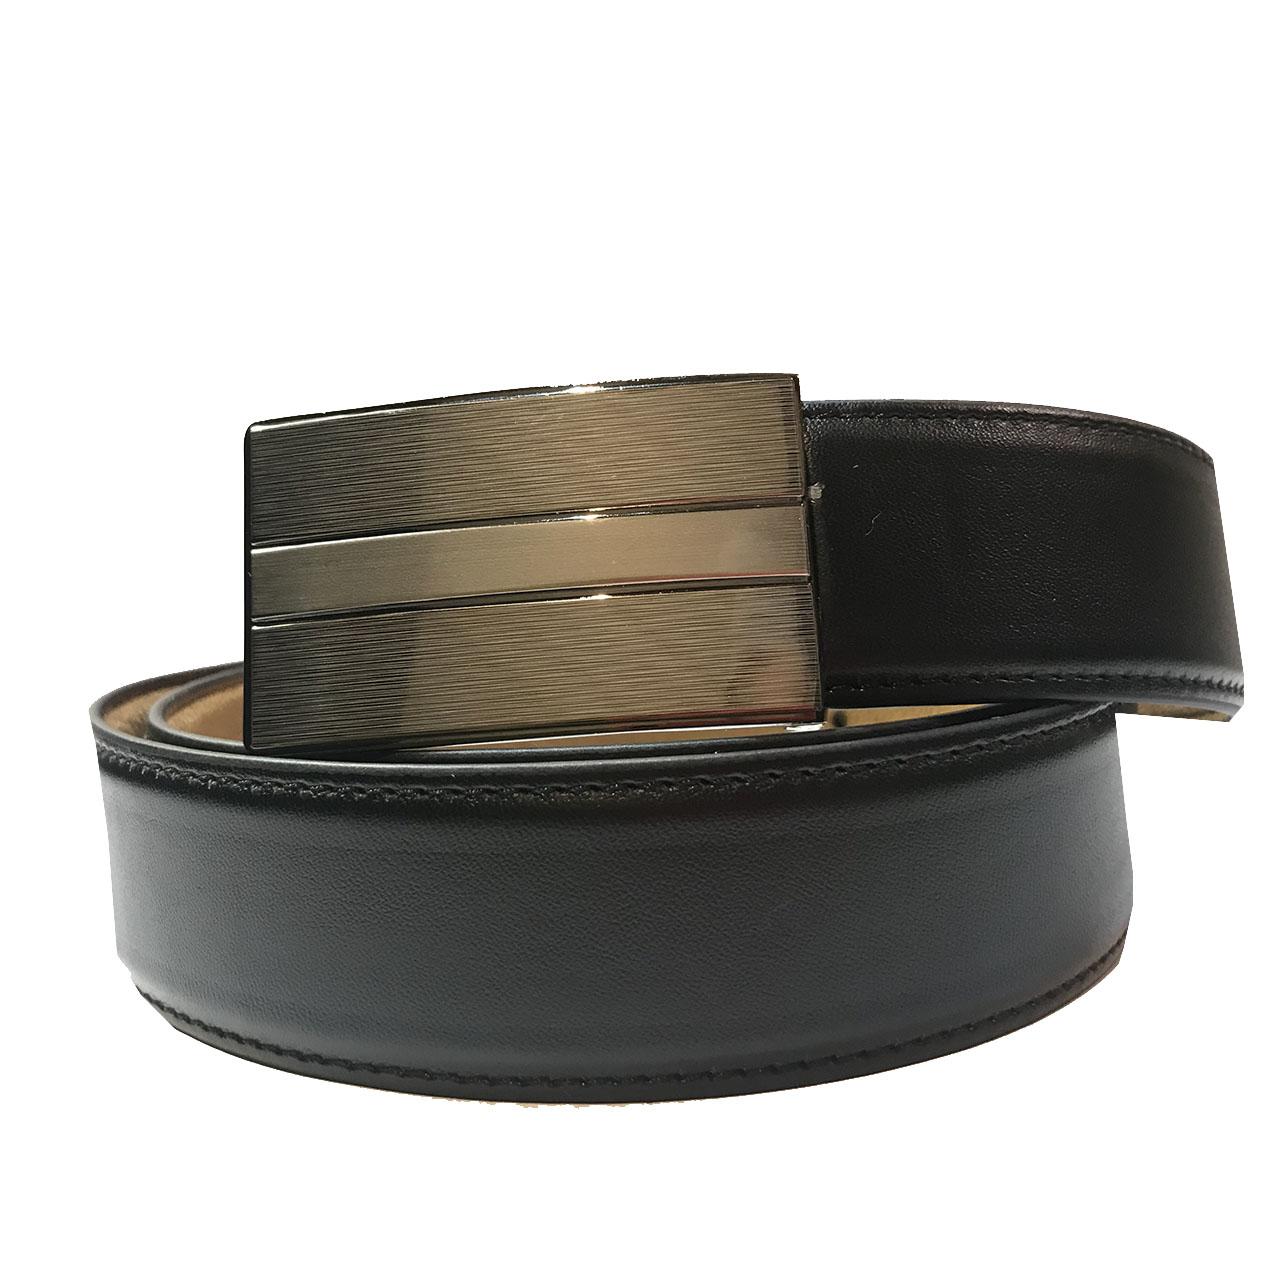 کمربند مردانه مدل Belt1504